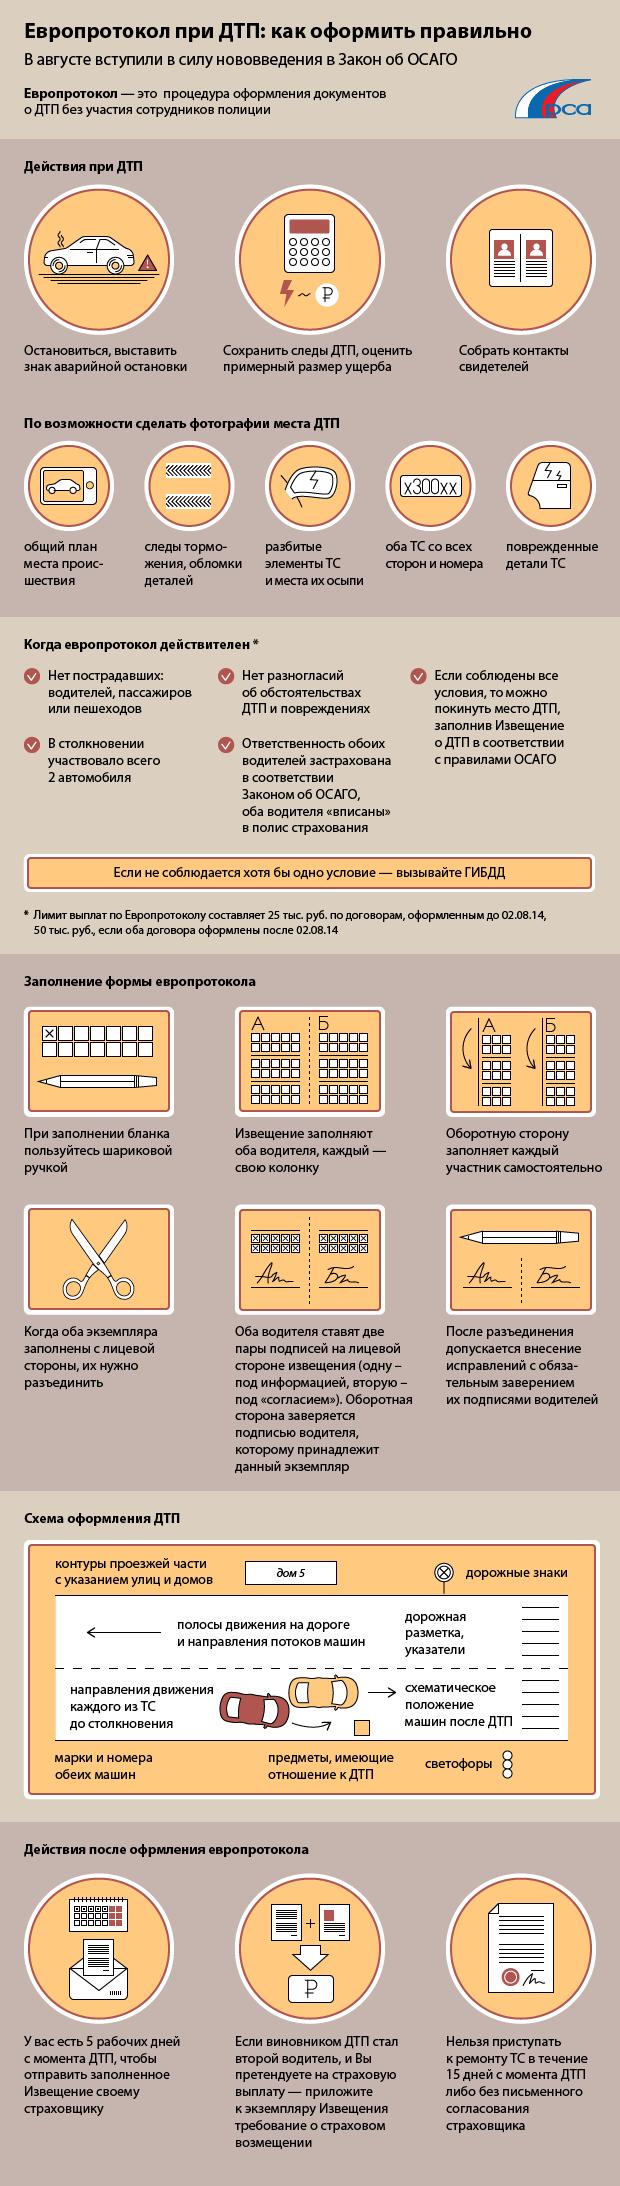 Правила заполнения европротокола